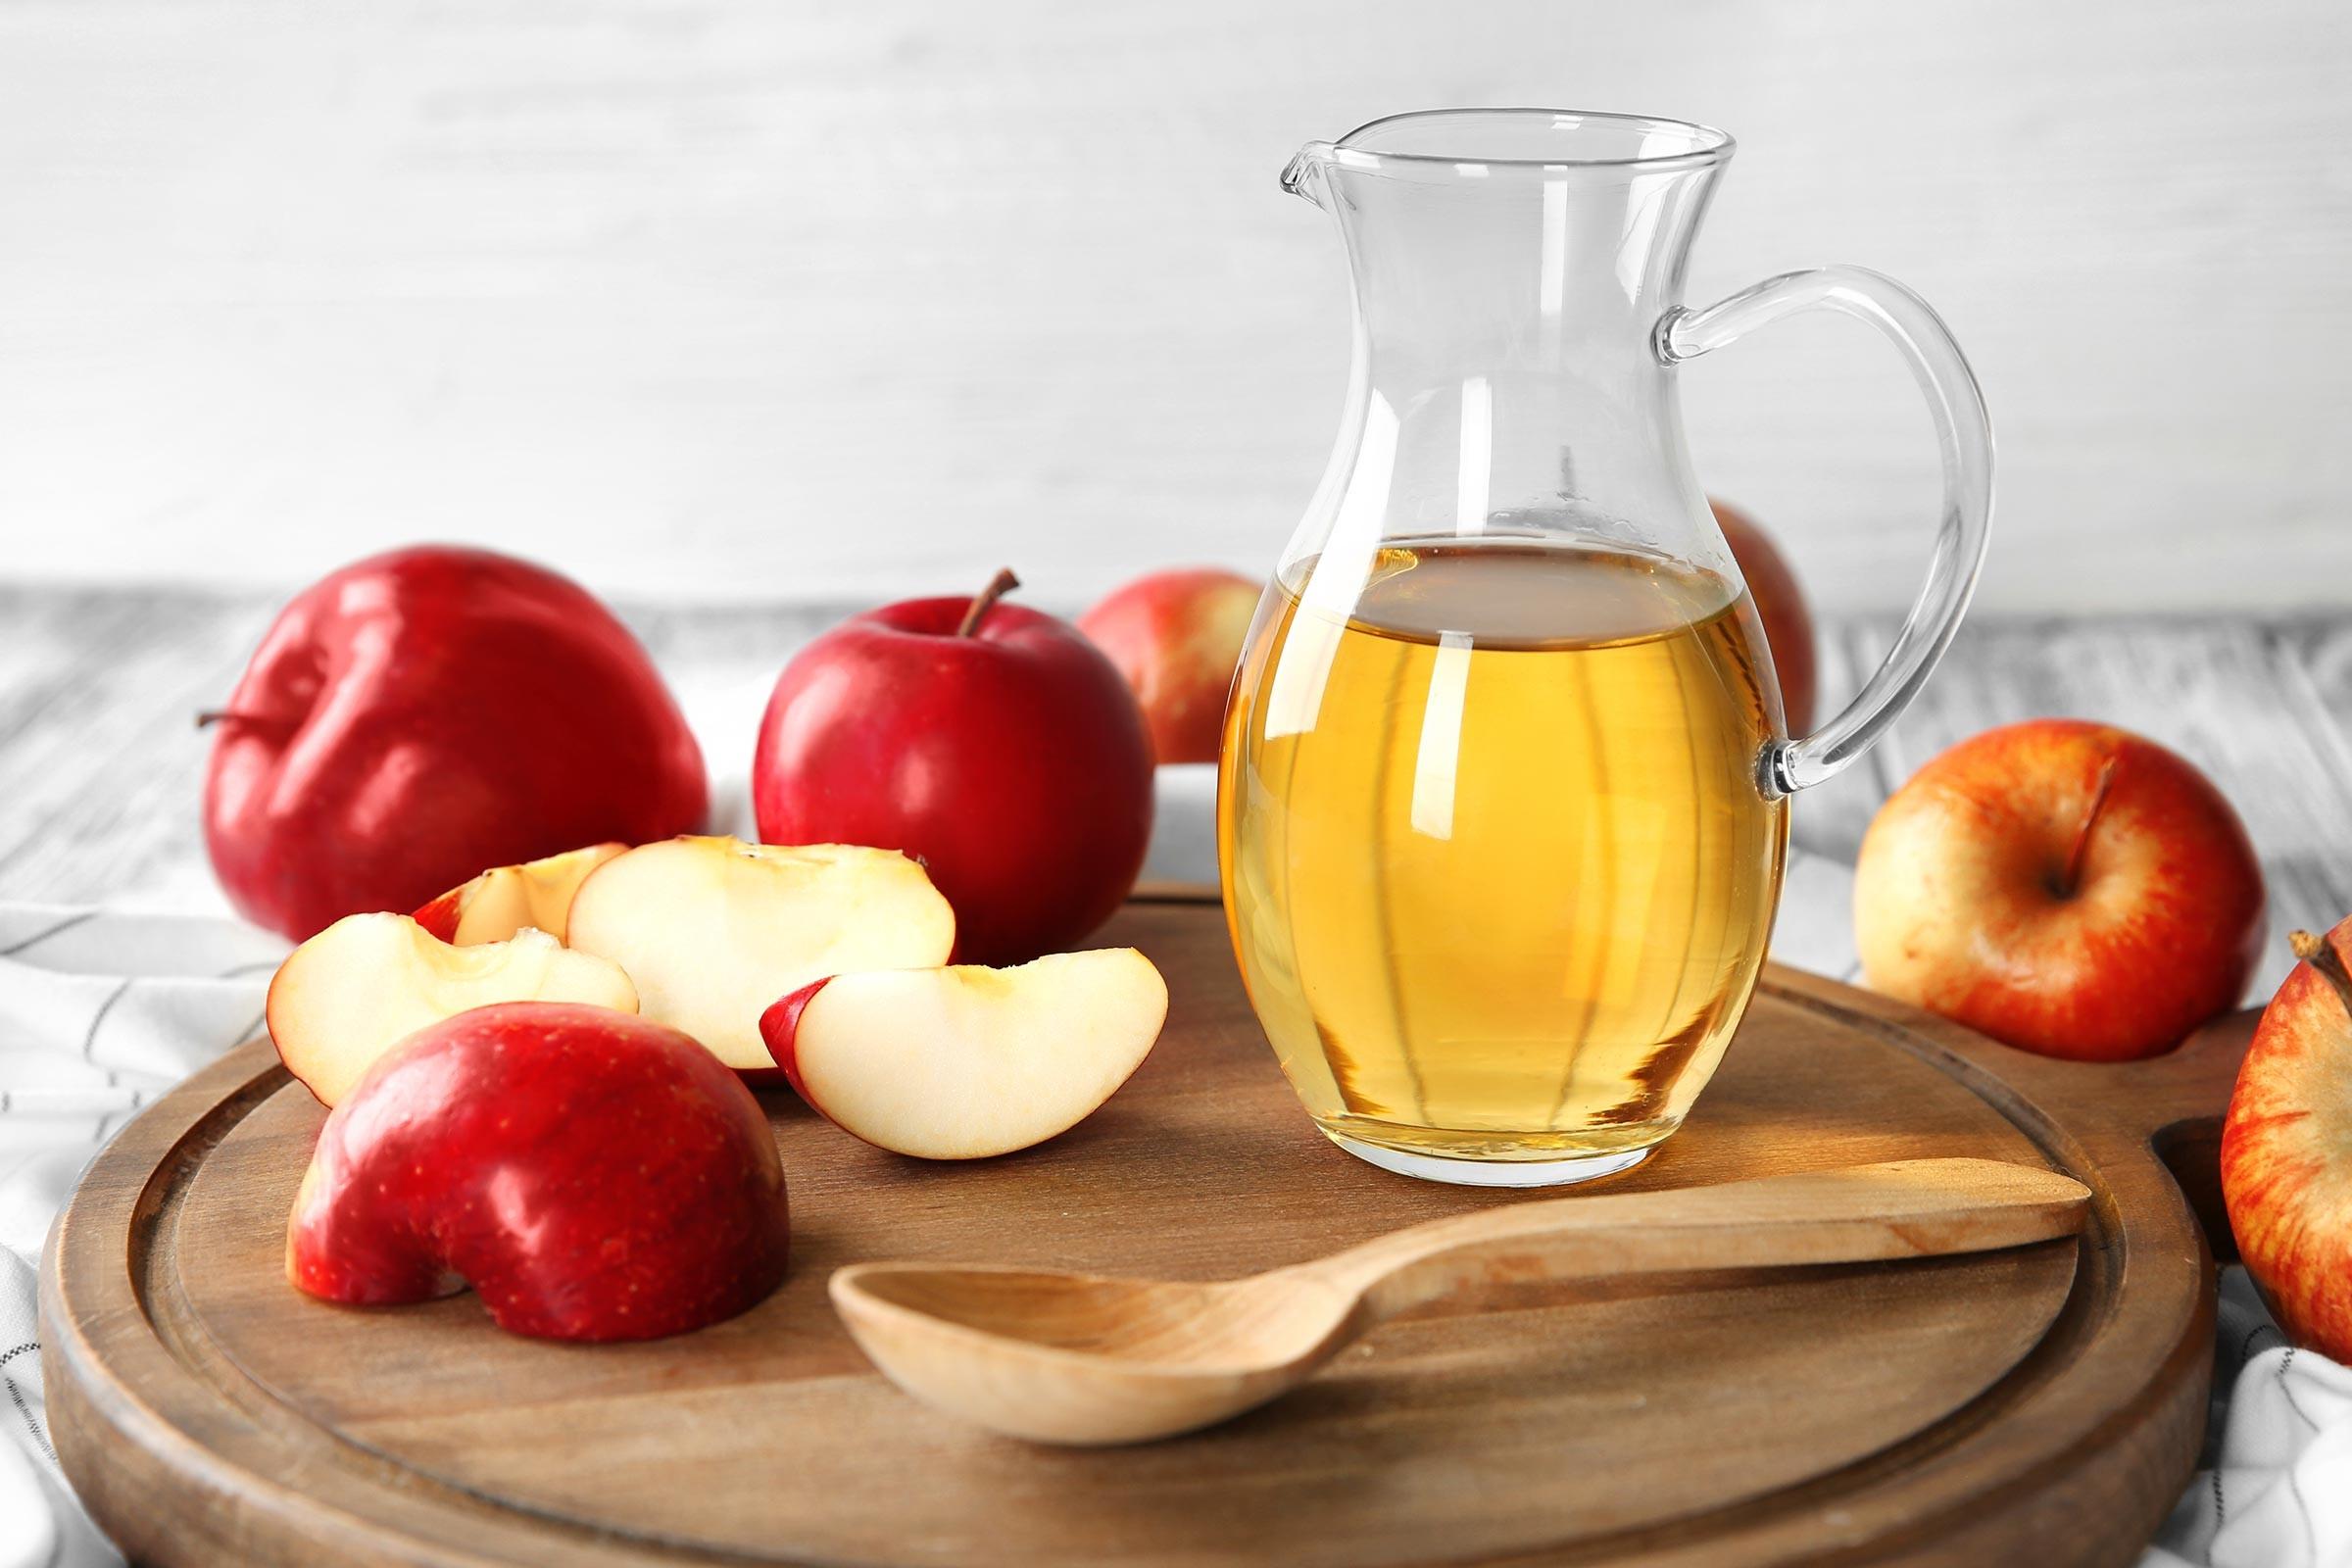 جلوگیری از جوش بعد از اصلاح با سرکه سیب